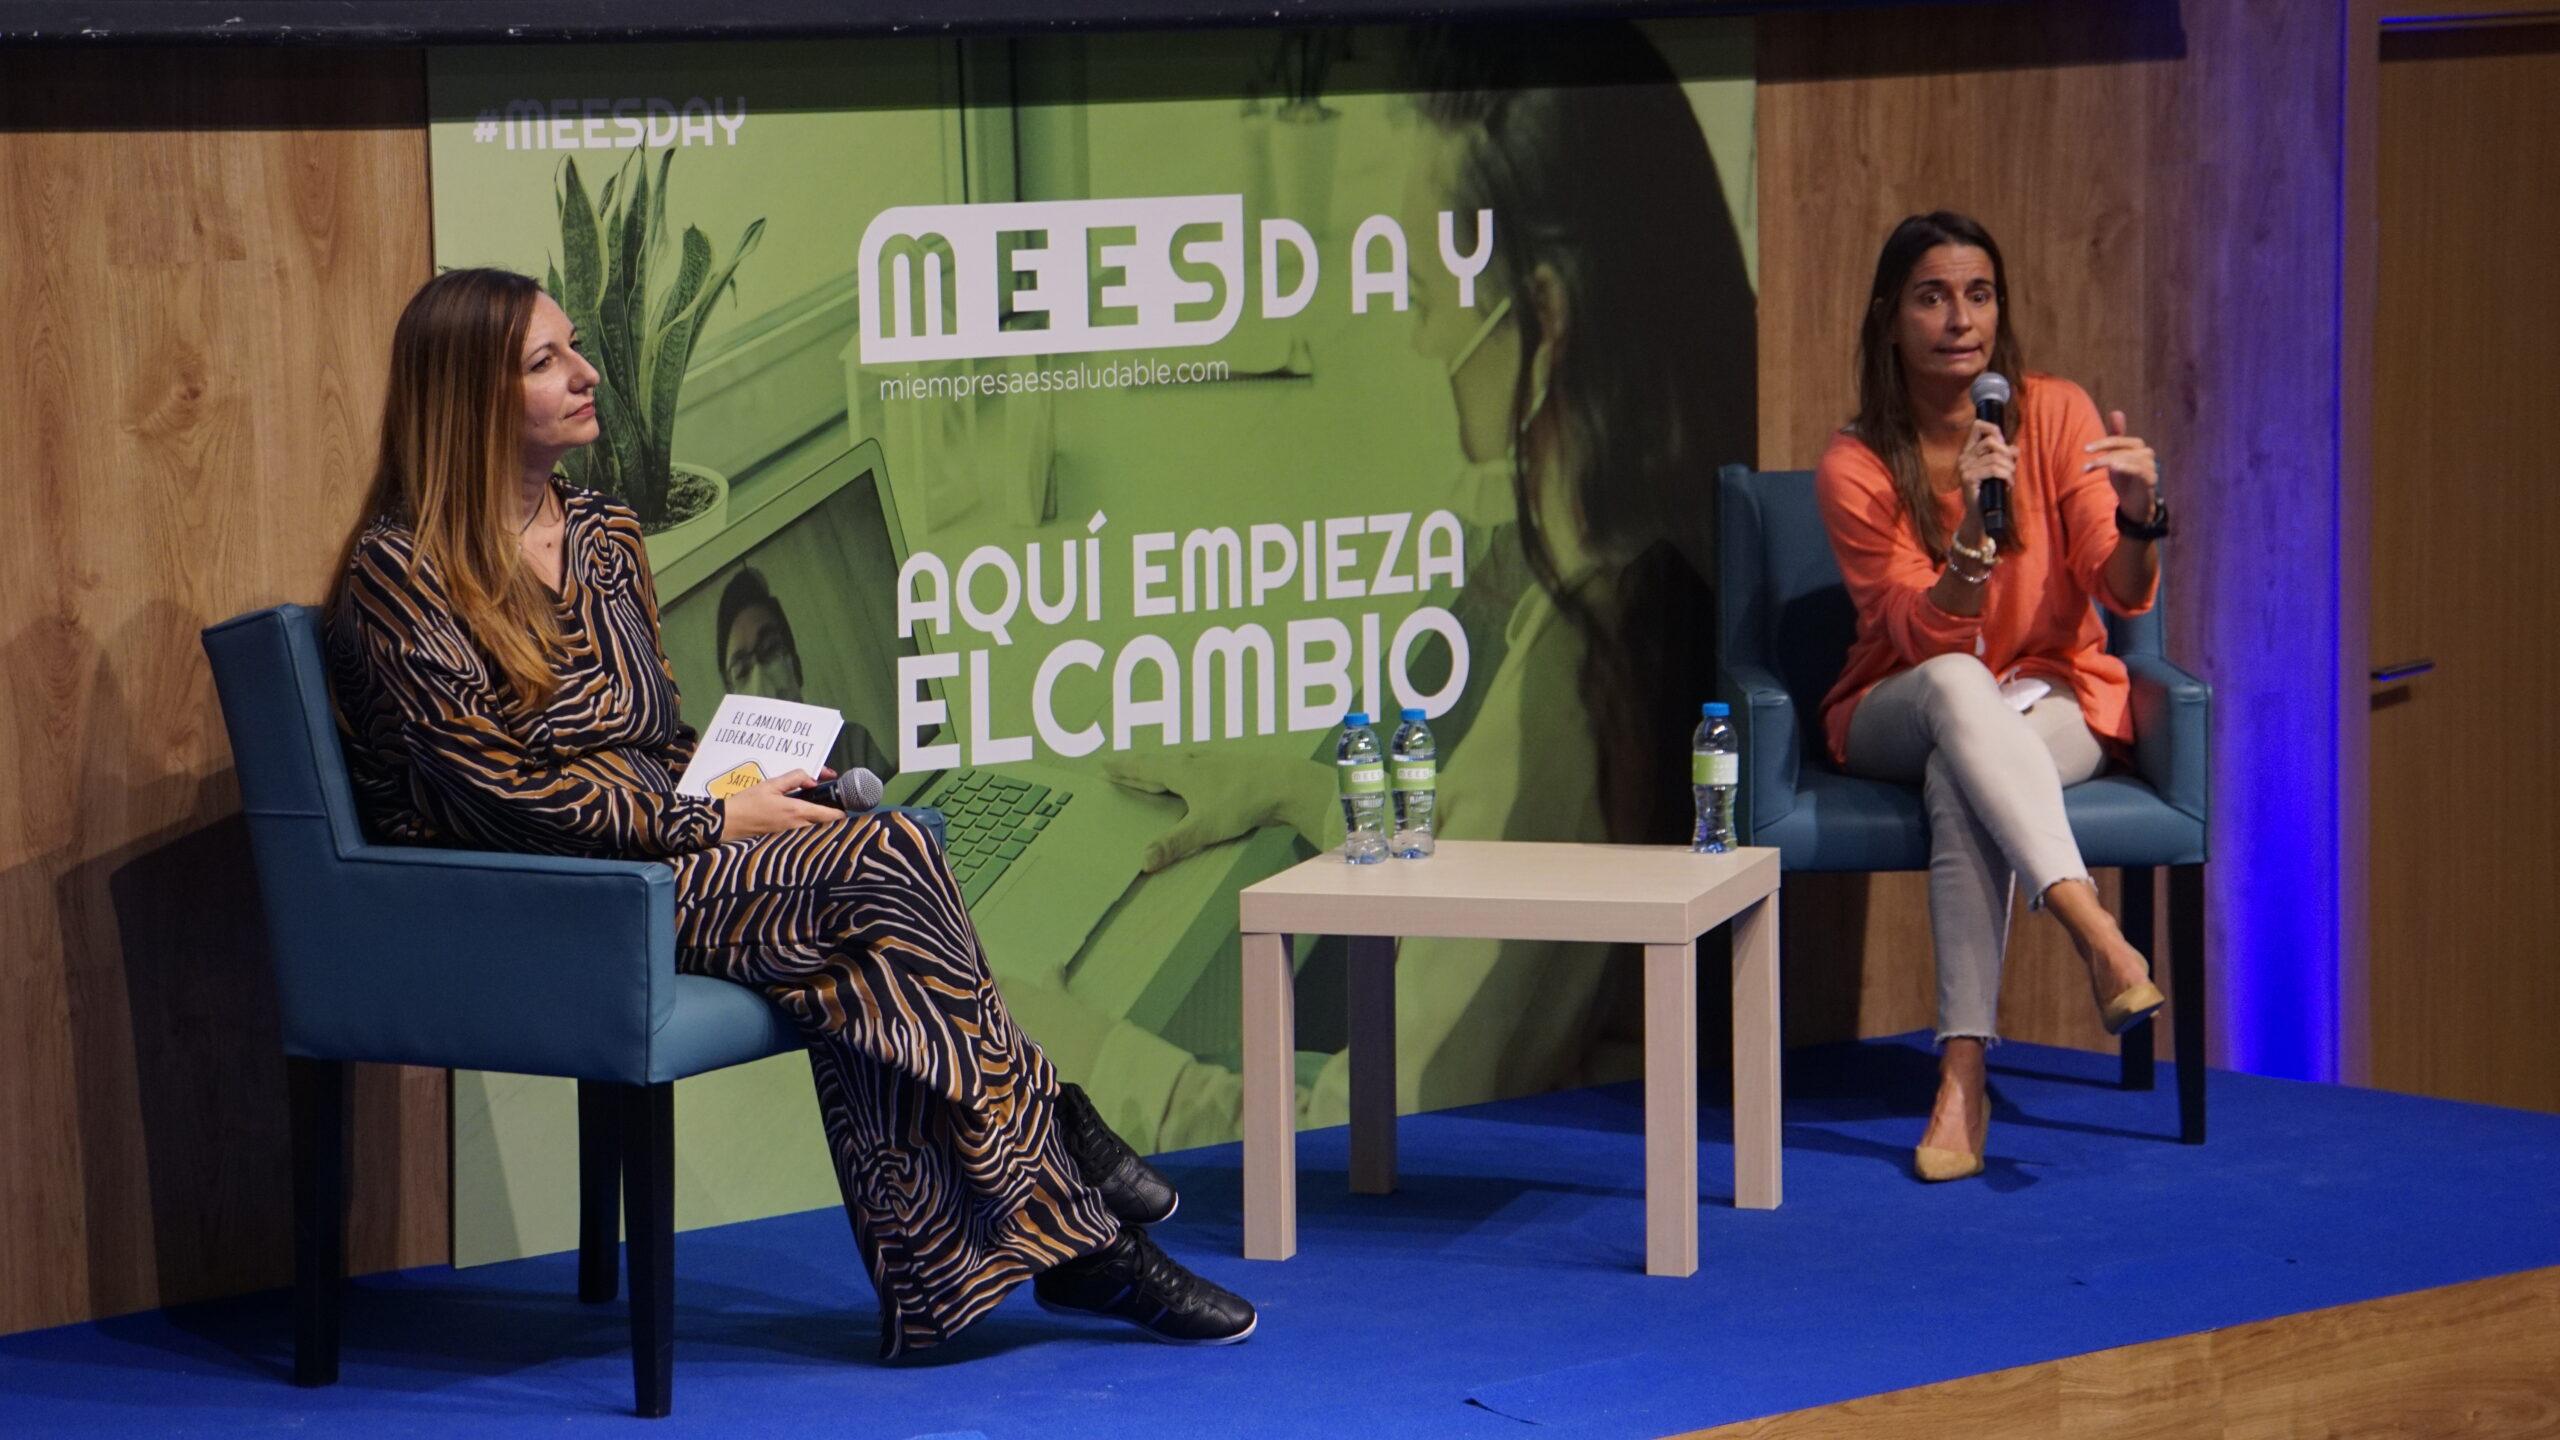 Claves para el liderazgo y el bienestar laboral en el MEES Day